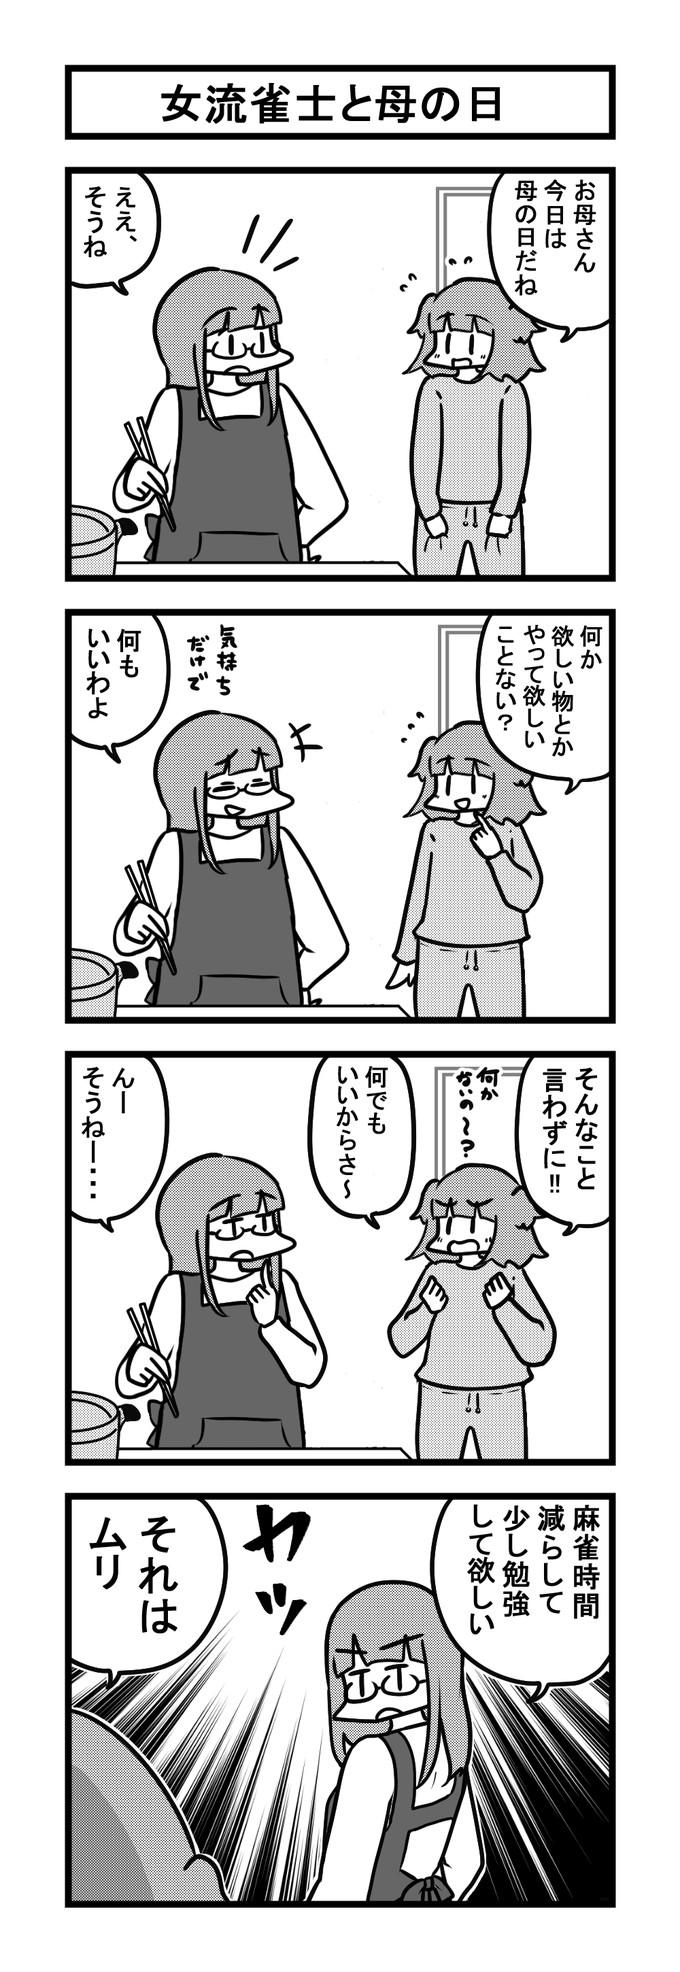 1103女流雀士と母の日-min-1